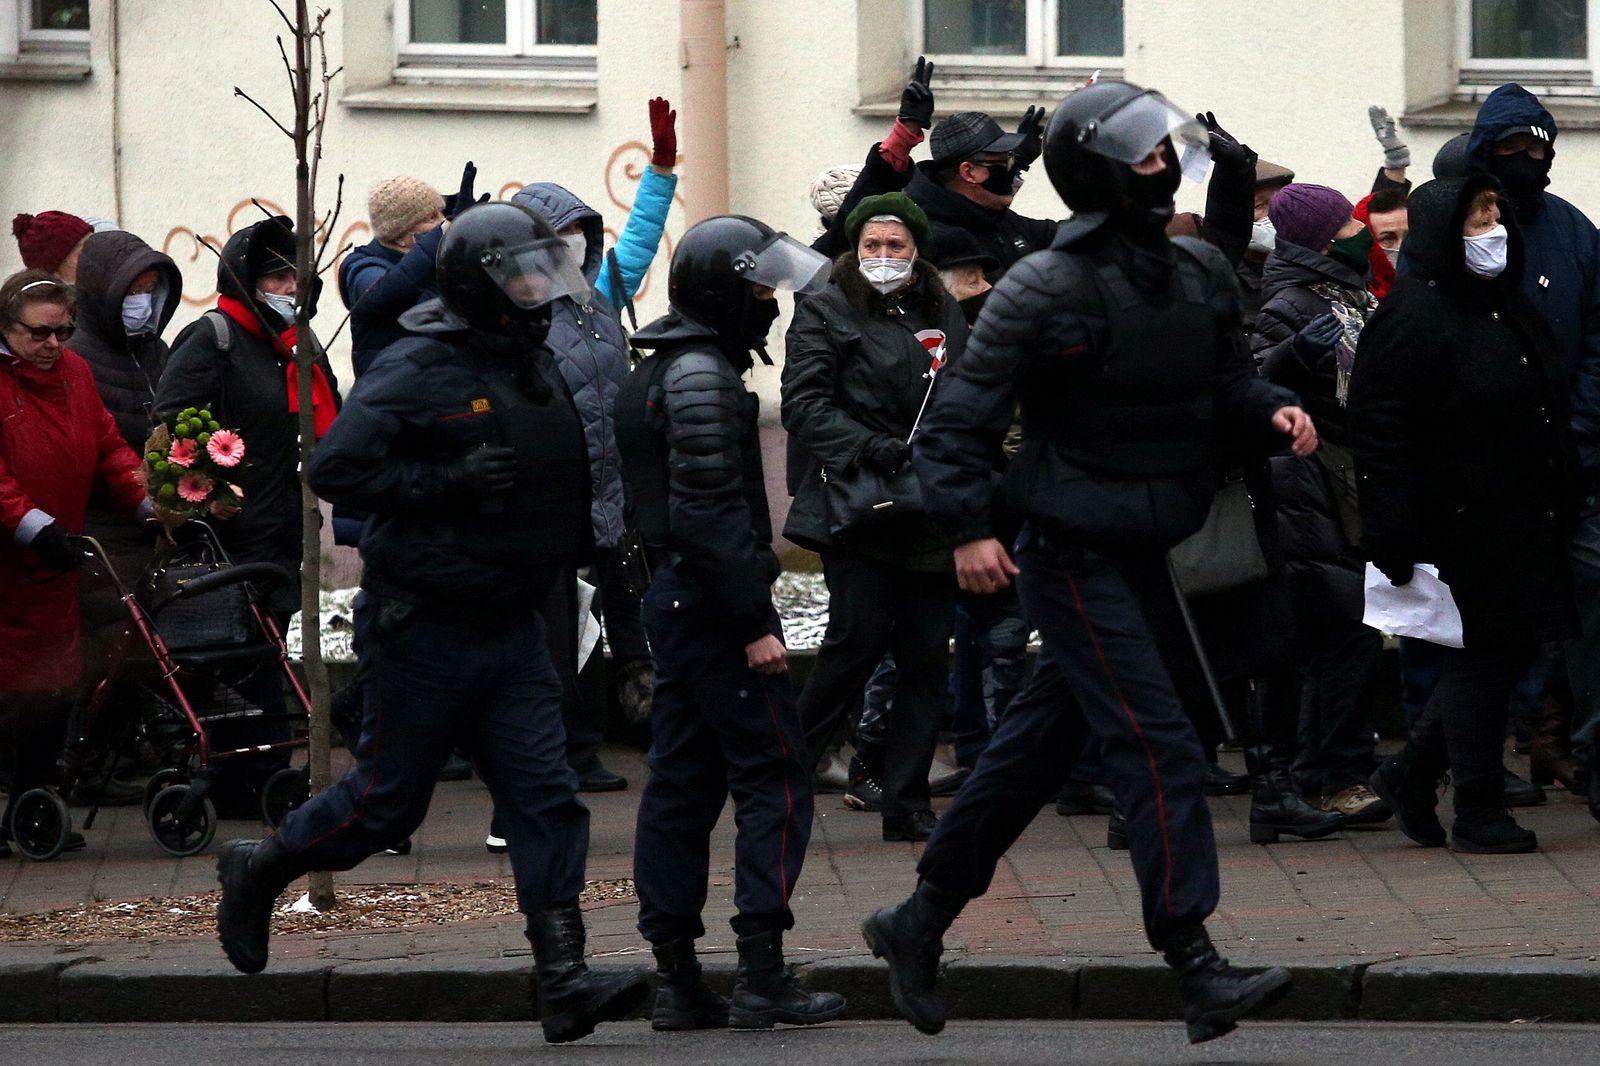 TOPSHOT-BELARUS-POLITICS-POLICE-DEMO